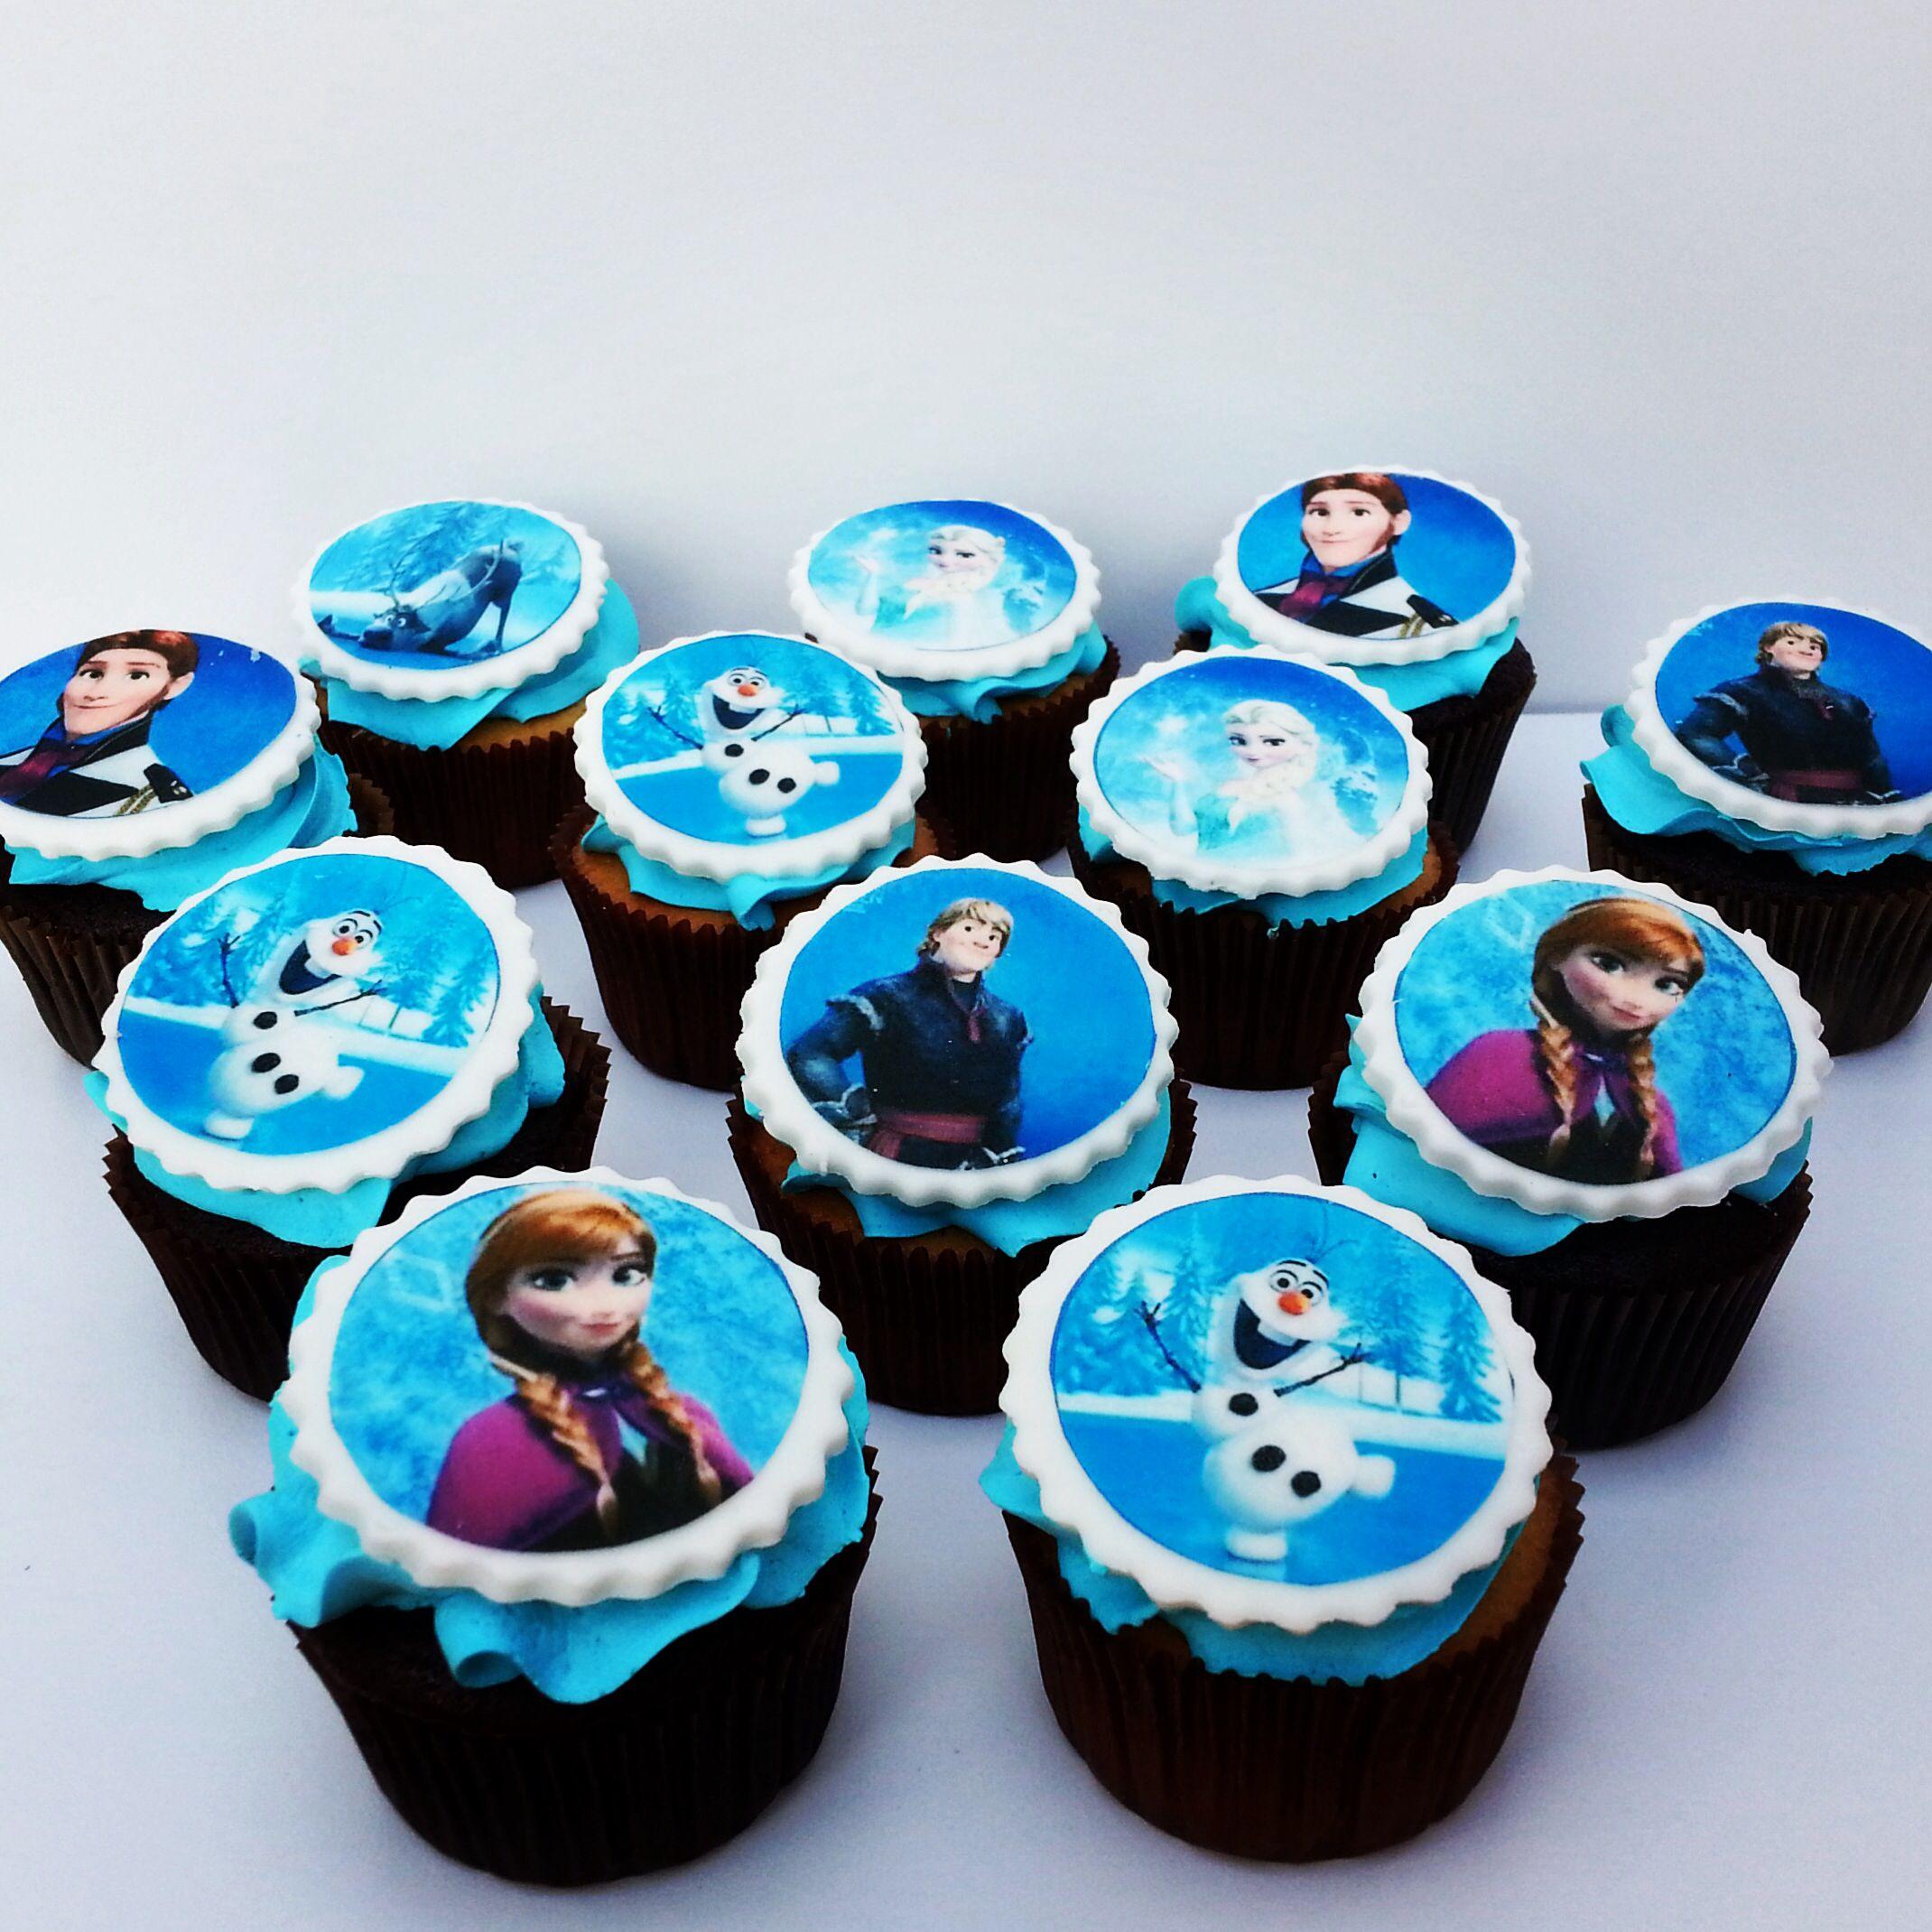 Cupcakes de Frozen con Anna, Elsa, Kristoff, Olaf y Hans para un Cumpleaños inolvidable! Envíanos tus diseños o llámanos al (1) 625 1684. #Frozen #Disney #DisneyFrozen #cupcakes #cupcakefactory #cupcakesenbogotá #sosweet #pasteleríaartesanal #repostería Cupcakes personalizados en Bogotá www.SoSweet.com.co